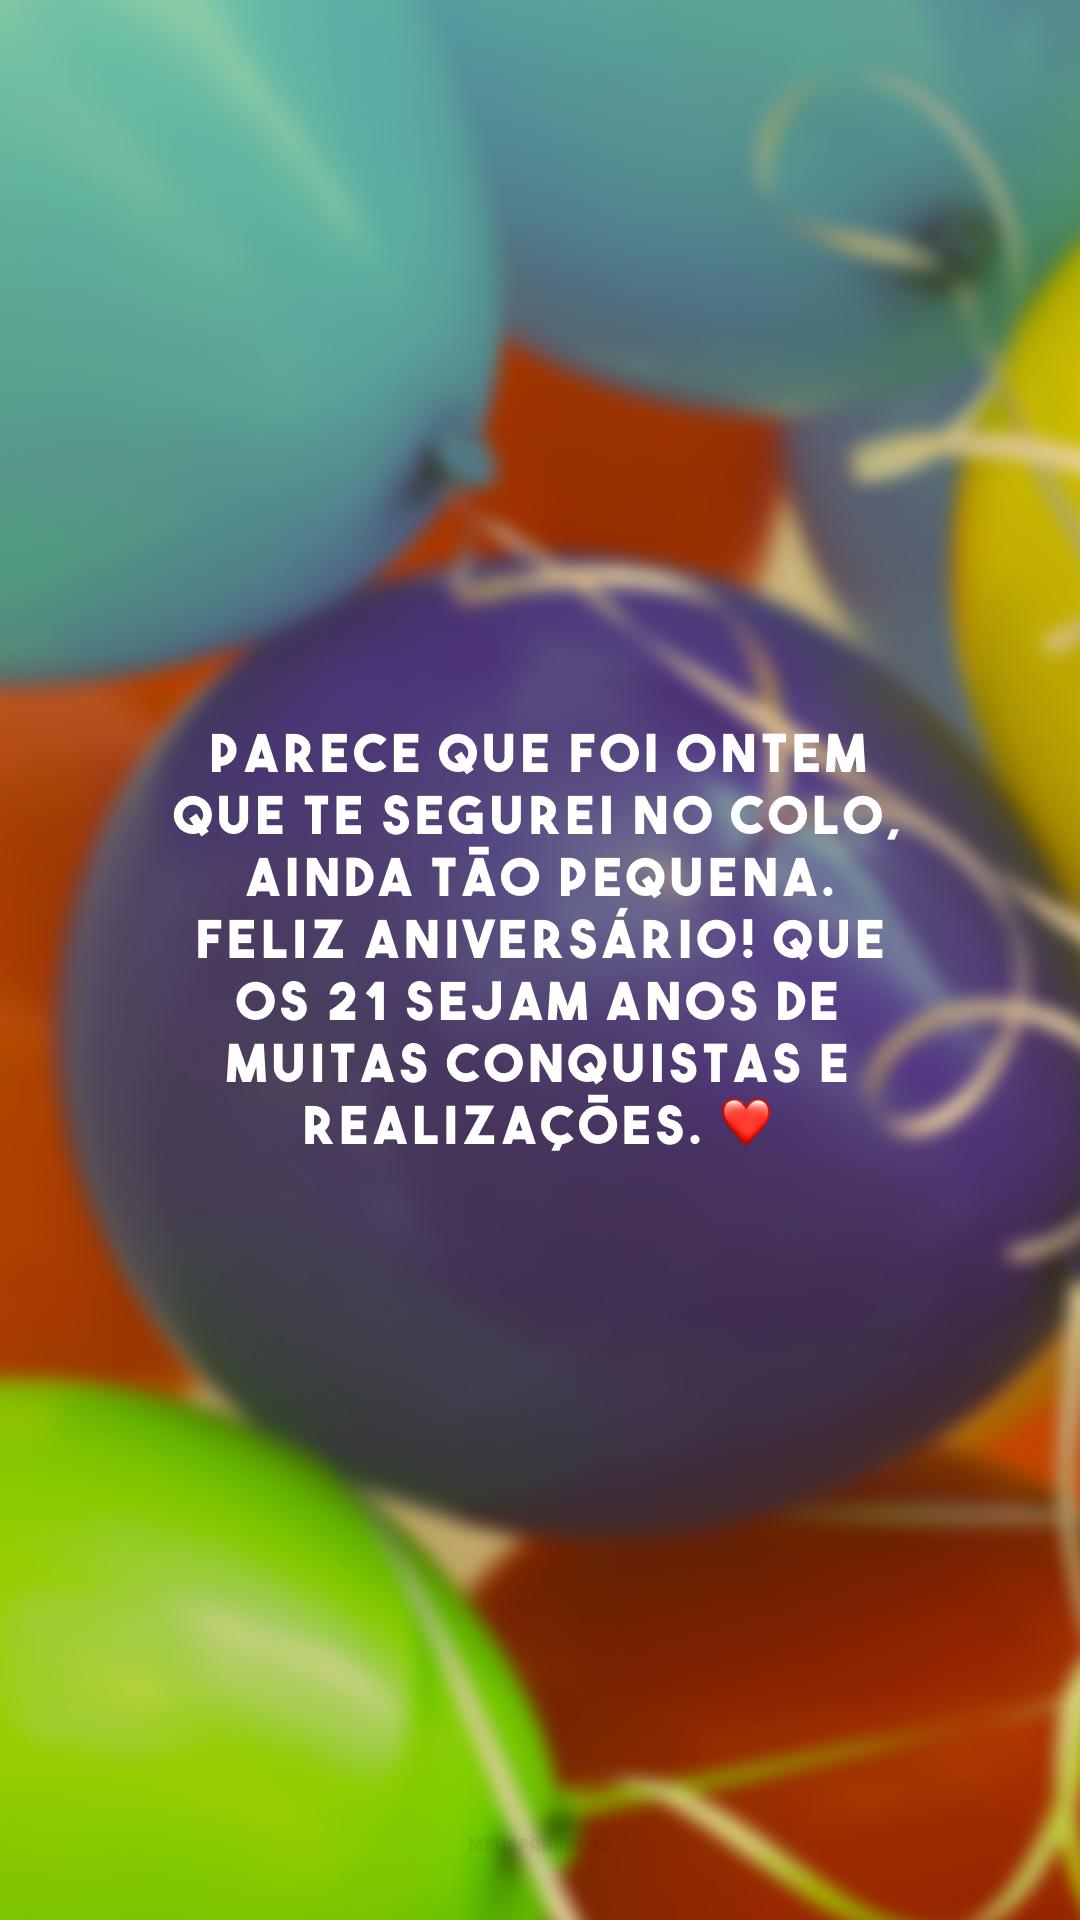 Parece que foi ontem que te segurei no colo, ainda tão pequena. Feliz aniversário! Que os 21 sejam anos de muitas conquistas e realizações. ❤️